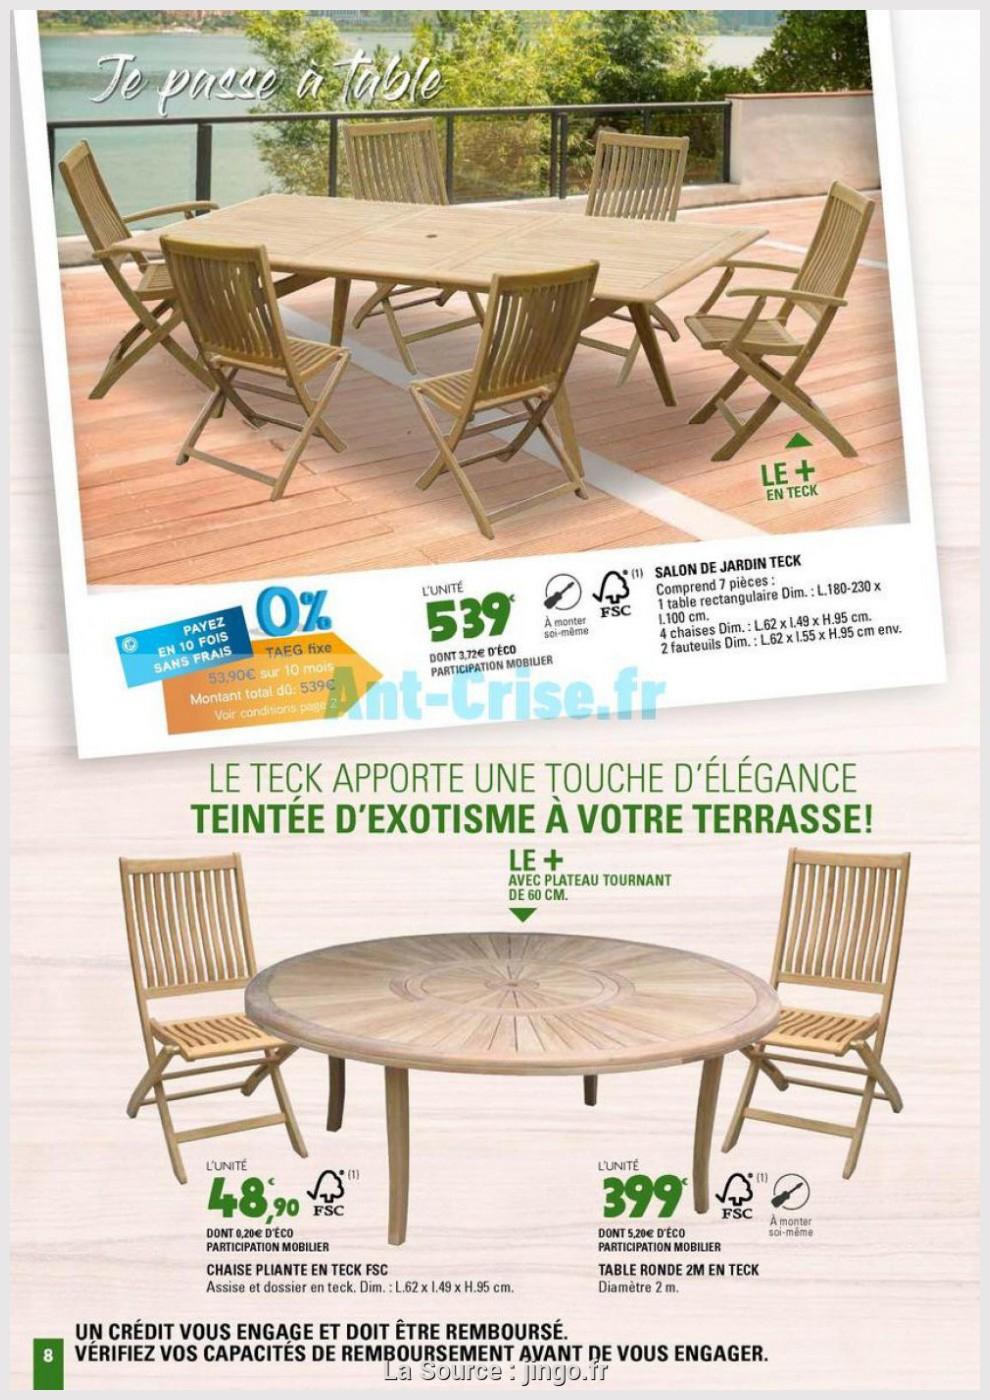 Jardin Belle Teck De Leclerc 2M 8 Table Ronde Sjzplugqmv pour Table Et Chaises De Jardin Leclerc